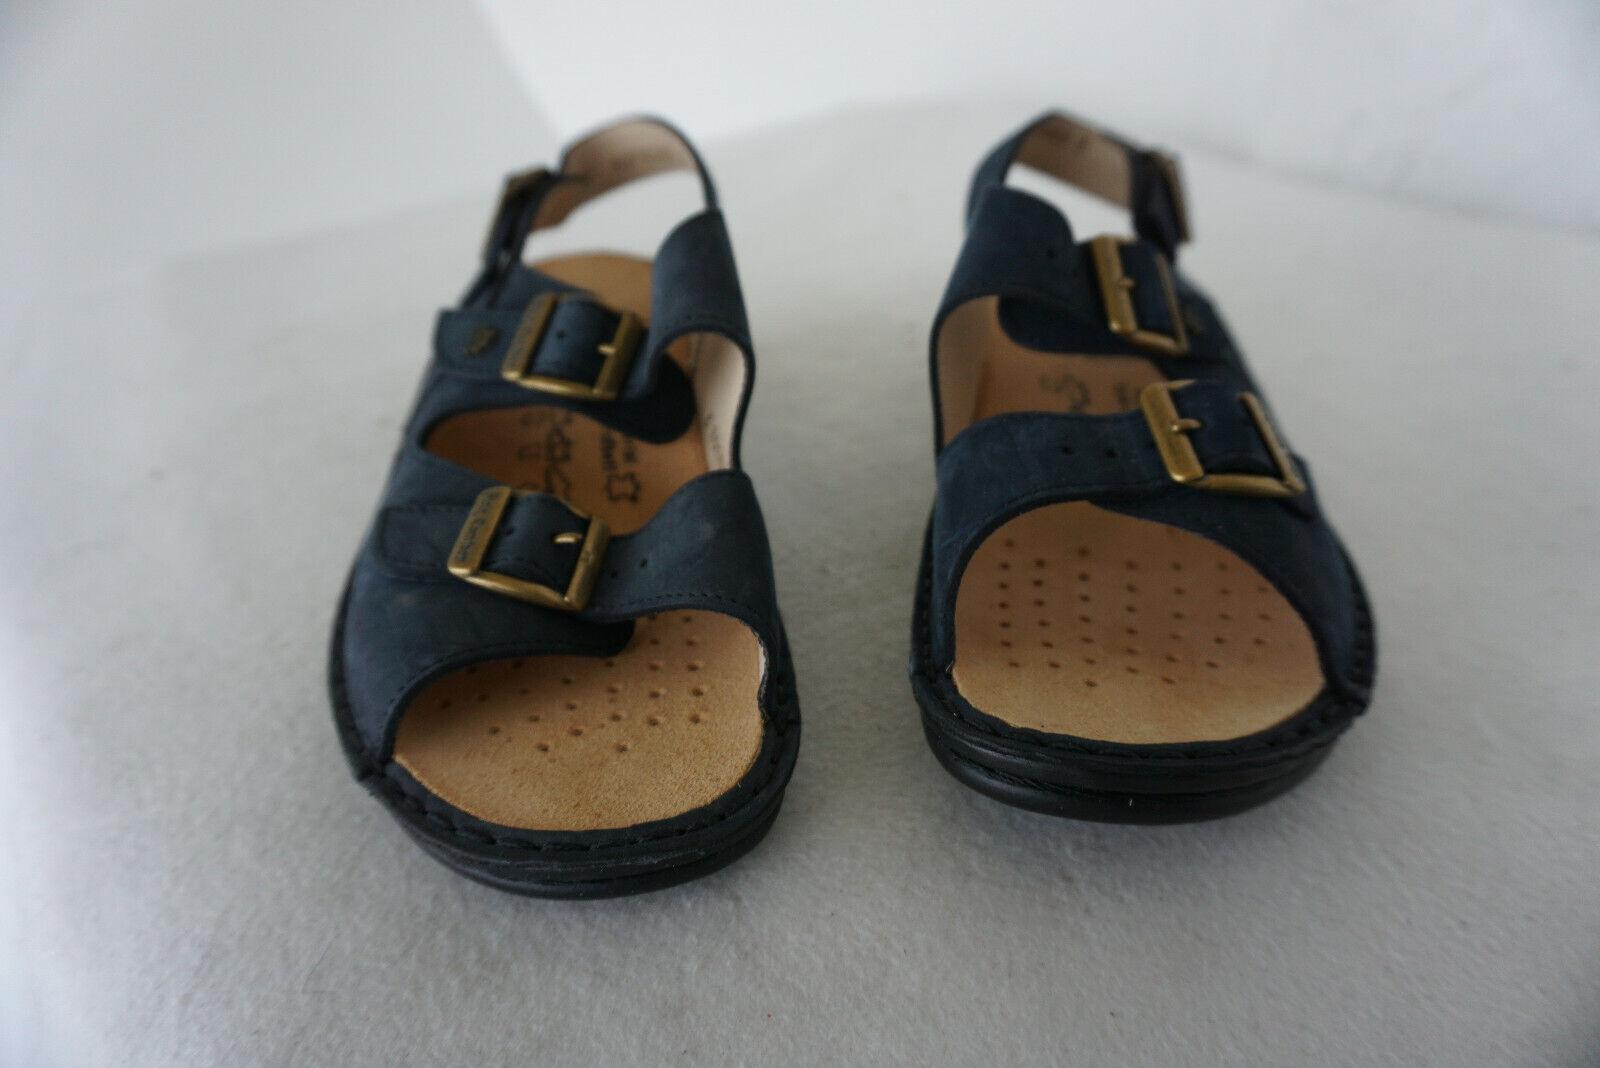 FINN COMFORT Damen Sommer Schuhe Sandale Einlagen Gr.37 marine Nubuk Leder NEU